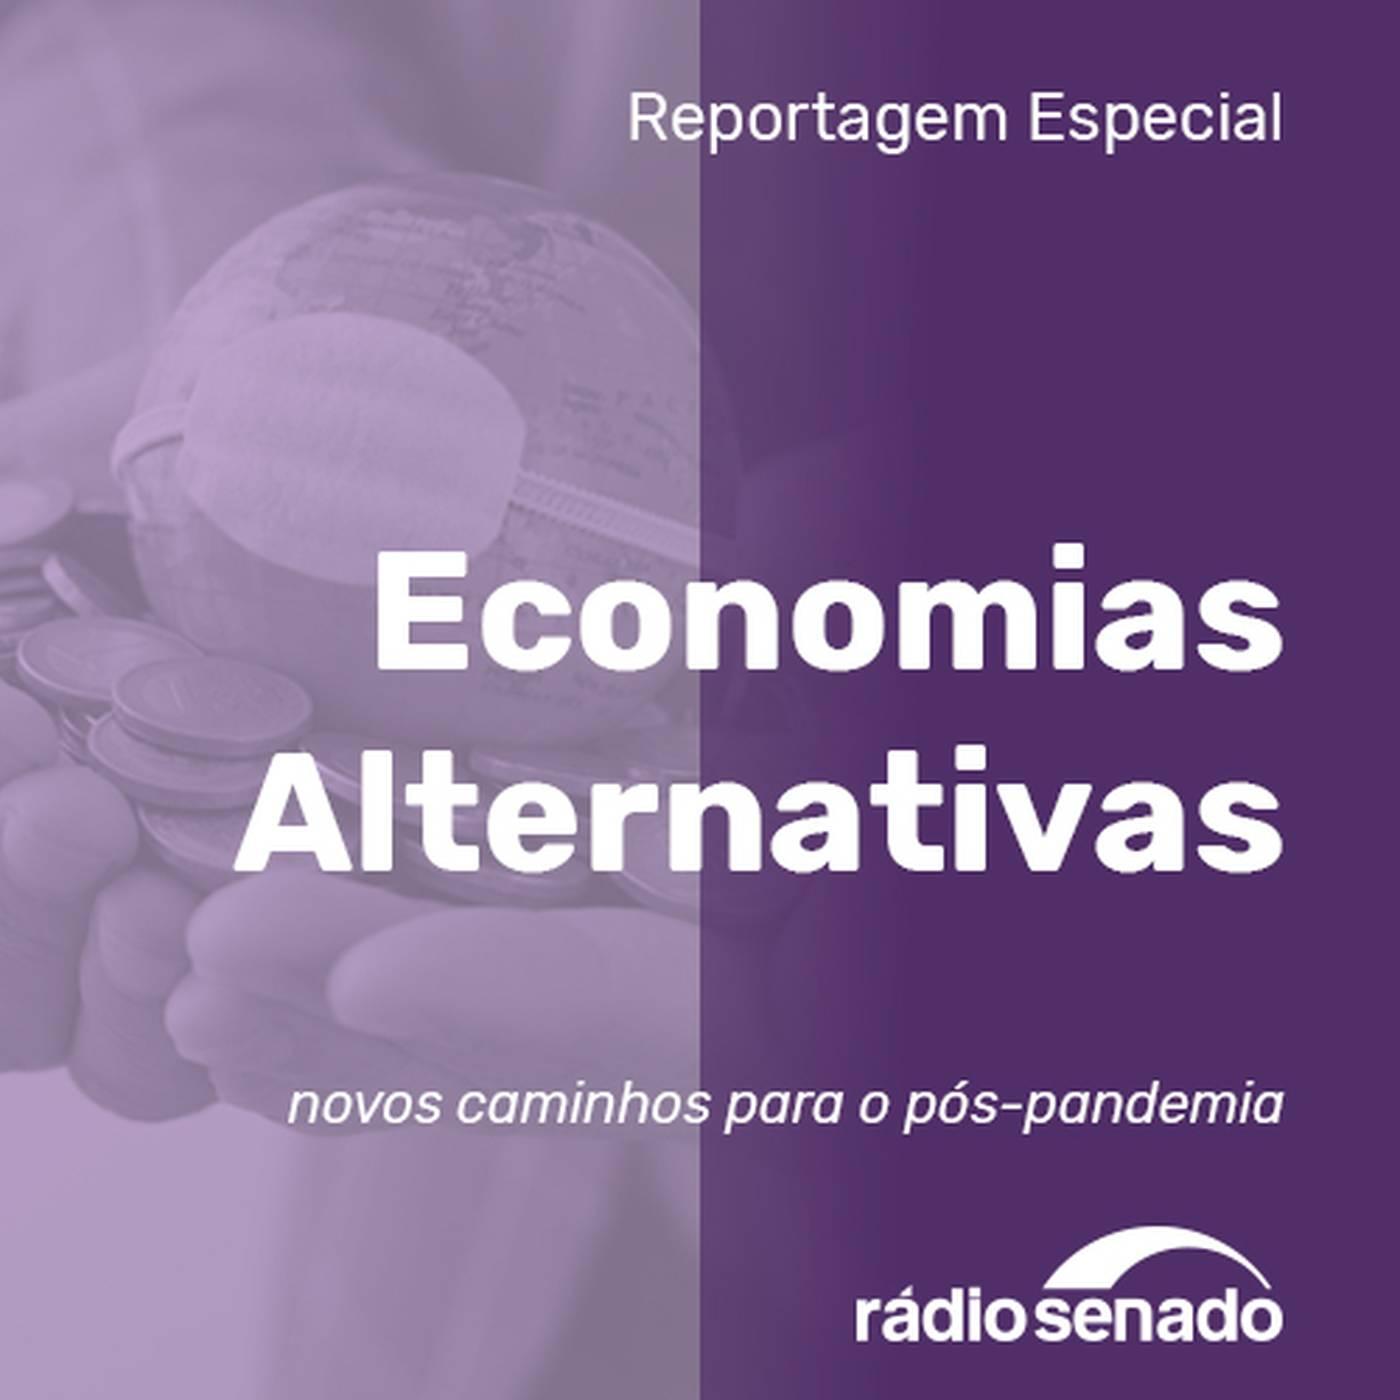 Economias alternativas: novos caminhos para o pós-pandemia